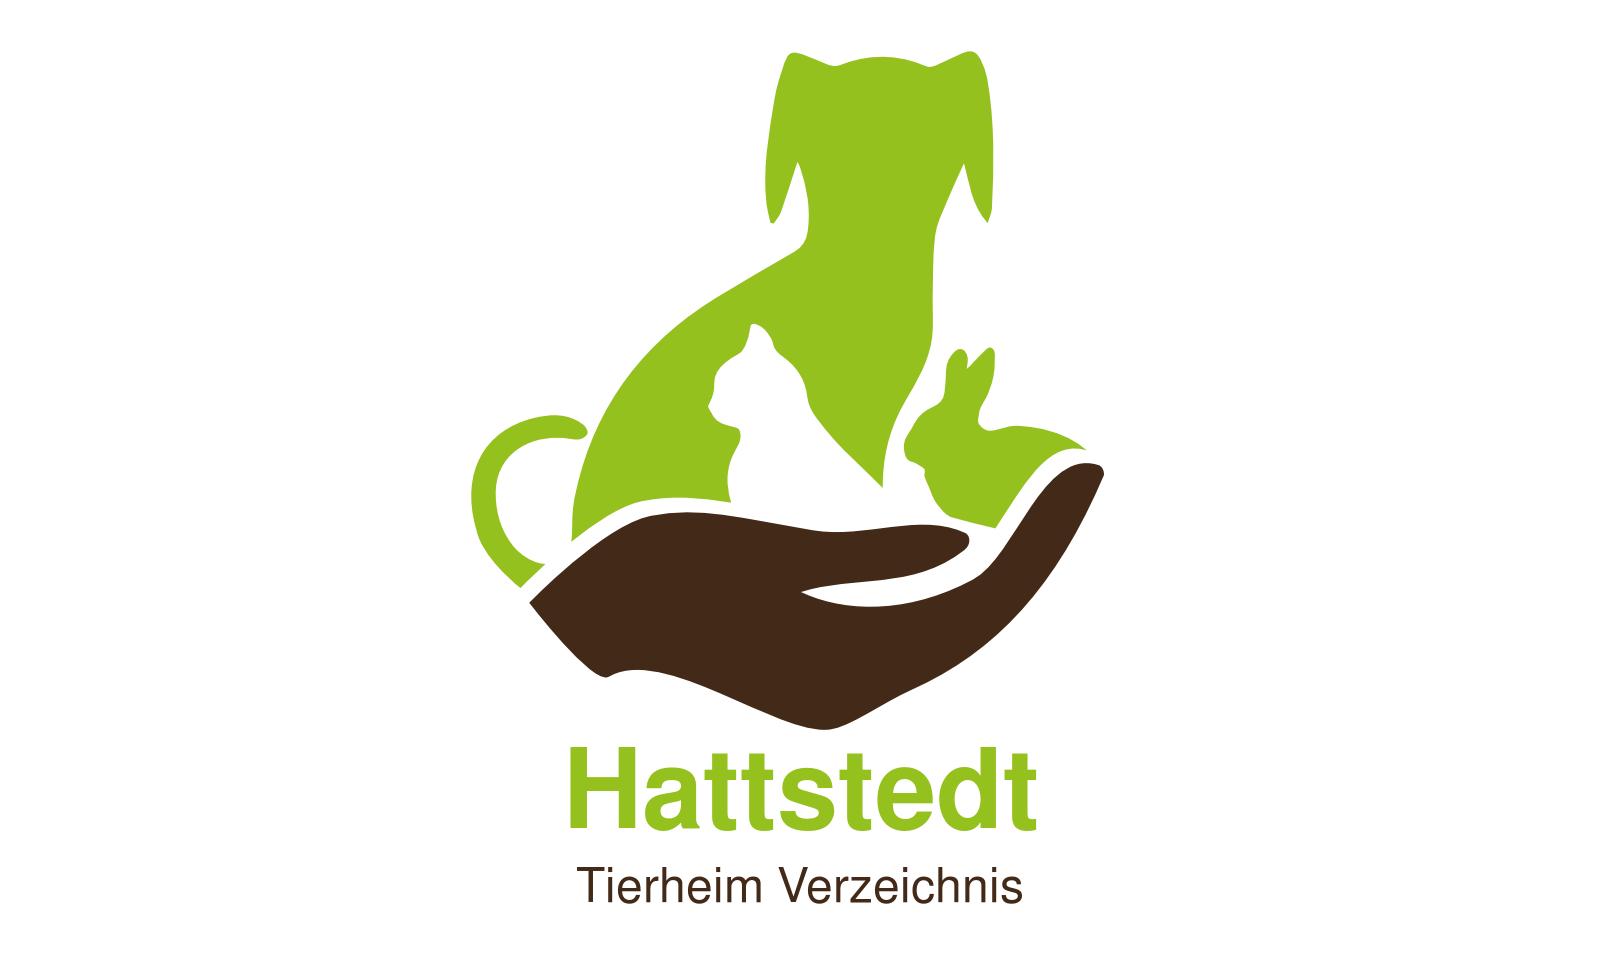 Tierheim Hattstedt